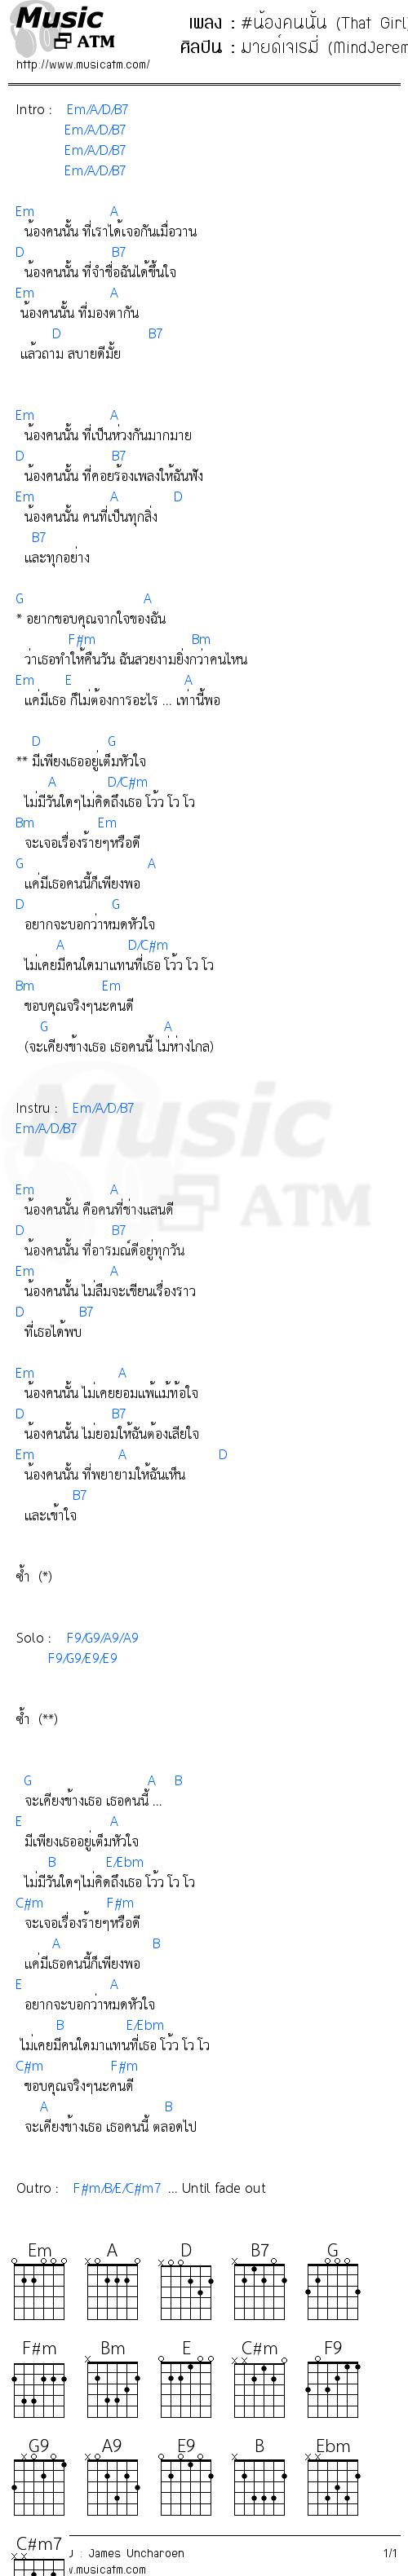 คอร์ดเพลง #น้องคนนั้น (That Girl)【Natherine BNK48 Fan Song】feat. pizter - มายด์เจเรมี่ (MindJeremy) | คอร์ดเพลงใหม่